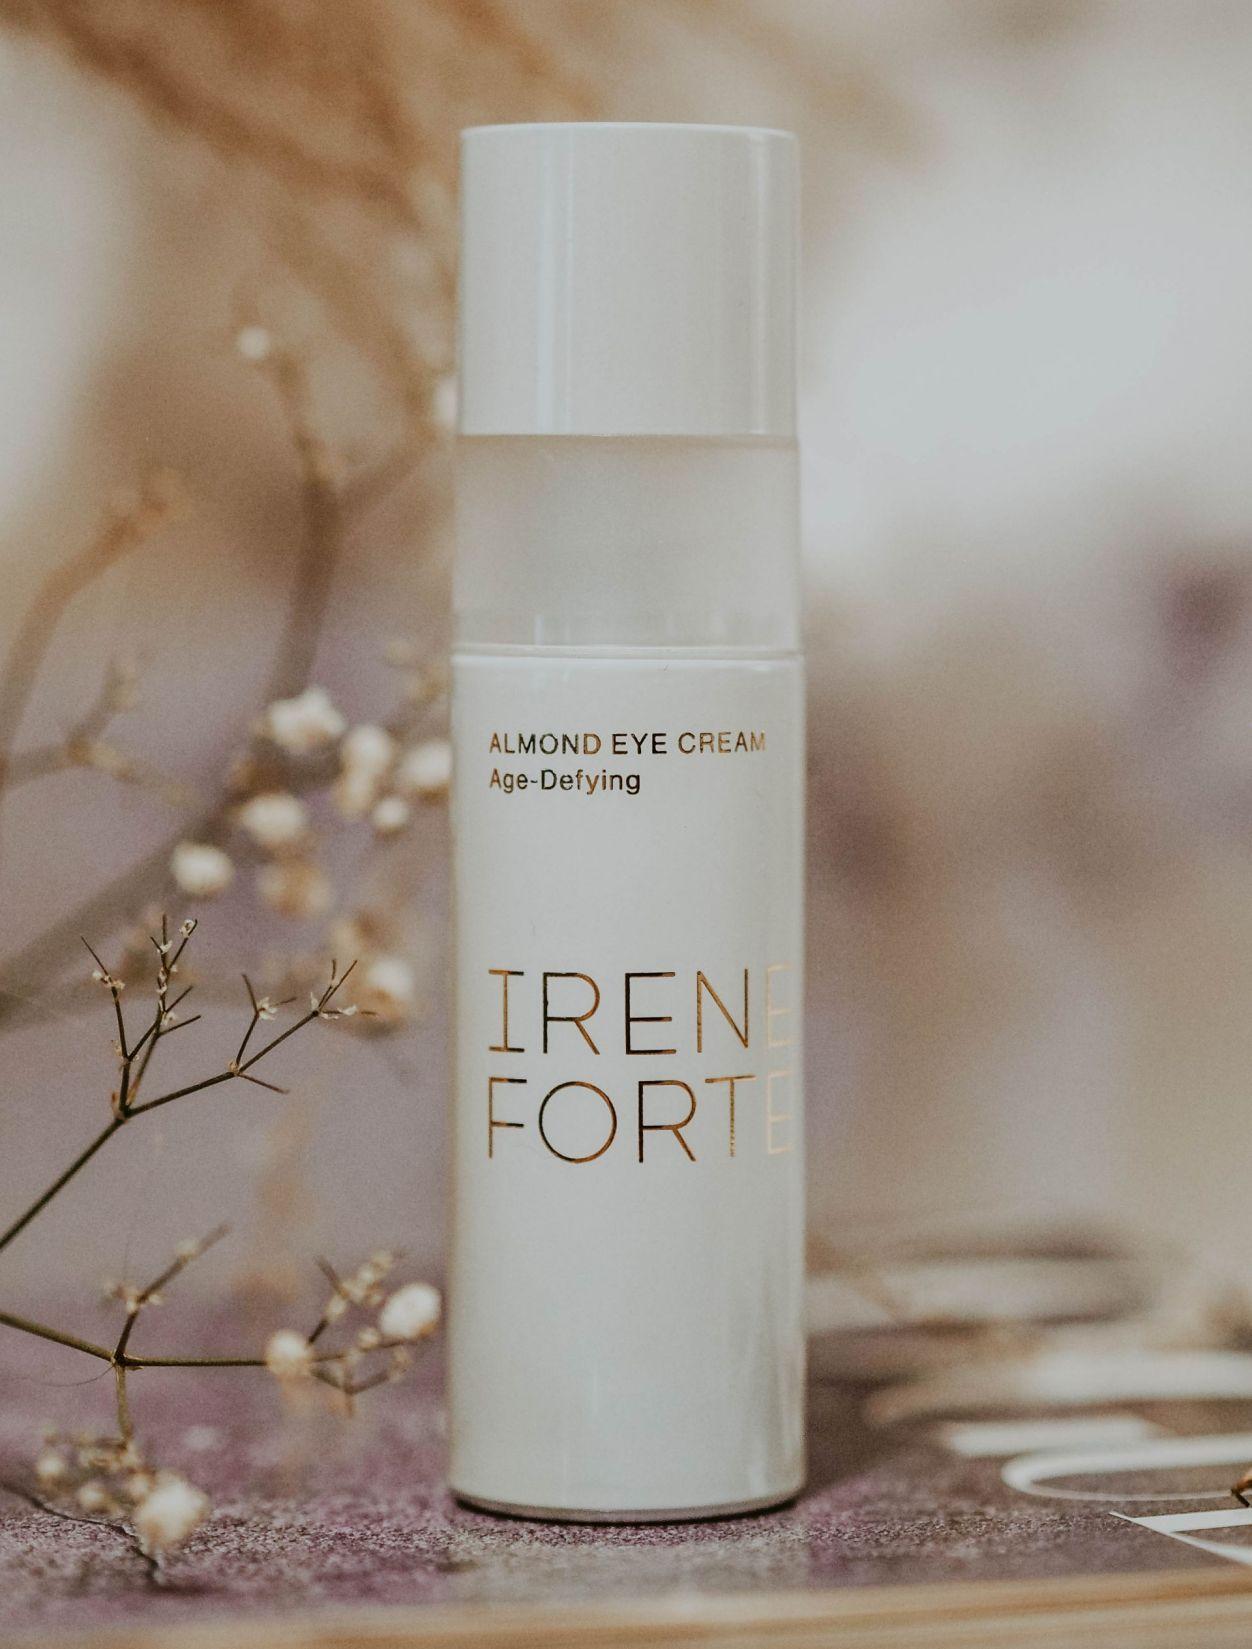 Irene Forte Skincare Review Kate Winney Almond Eye Cream